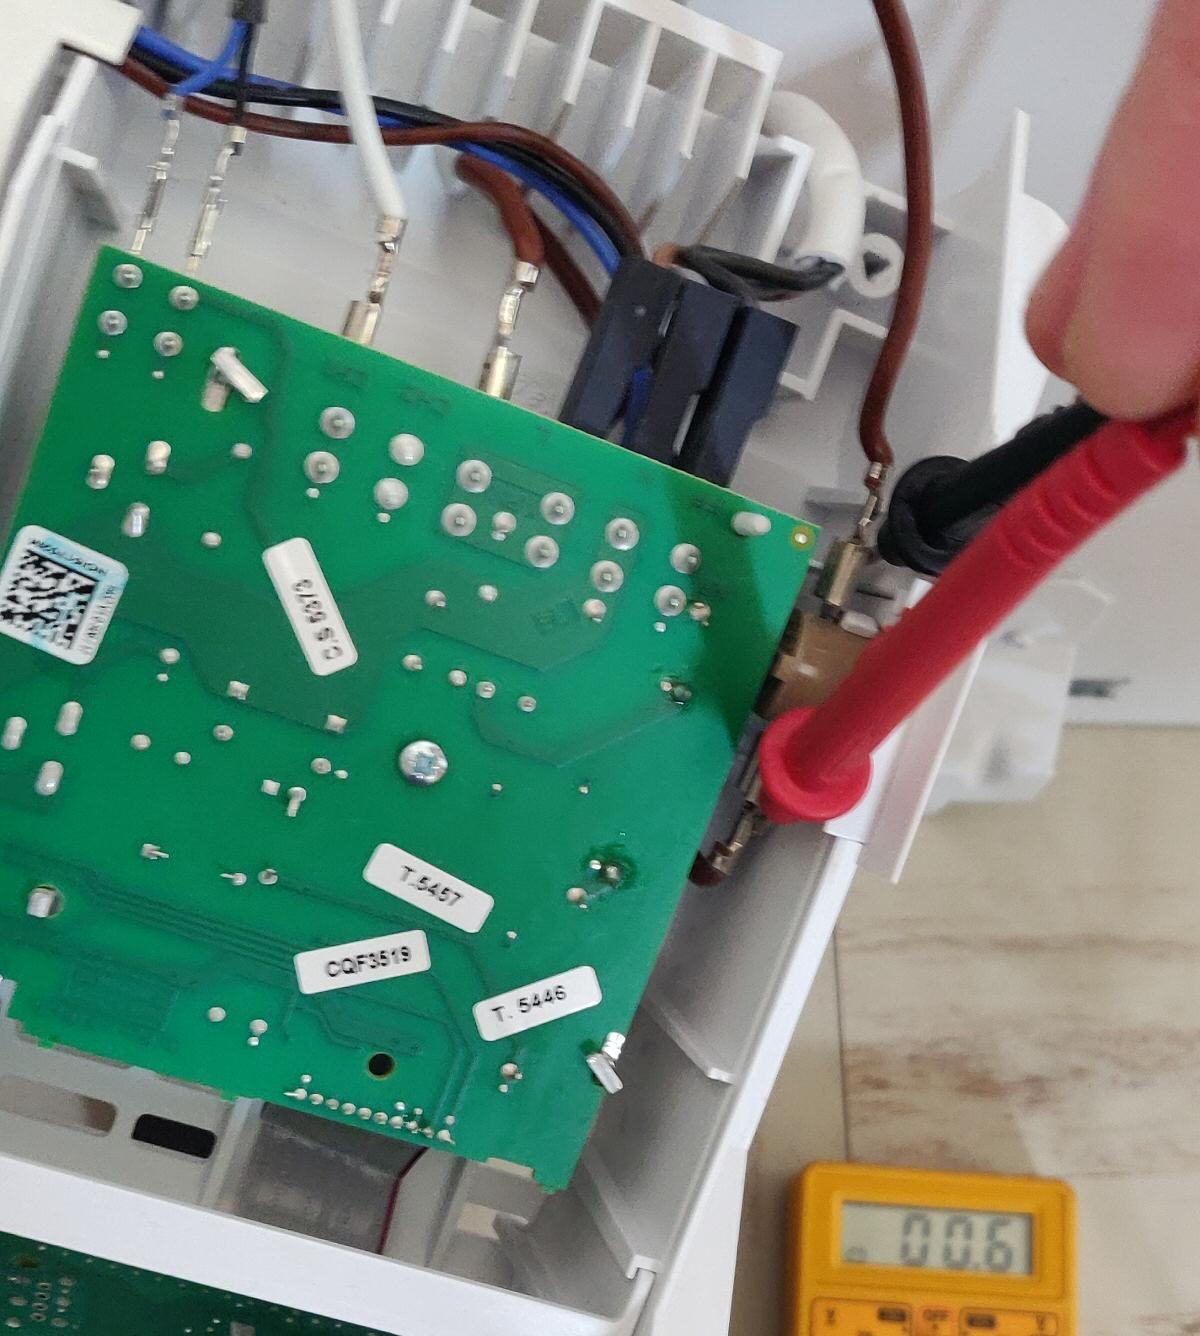 Carte électronique à réparer